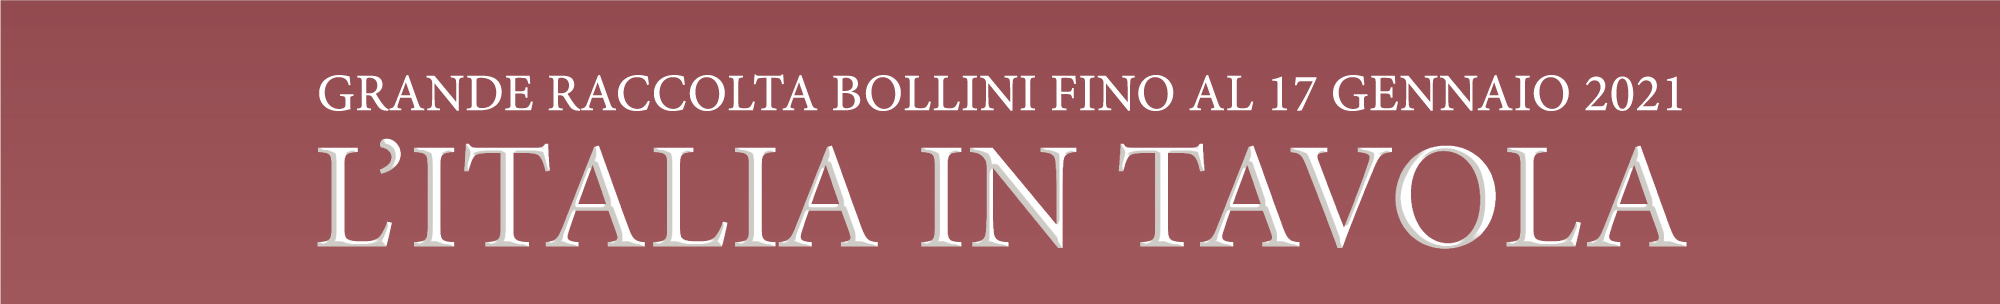 Grande raccolta bollini - L'Italia in Tavola